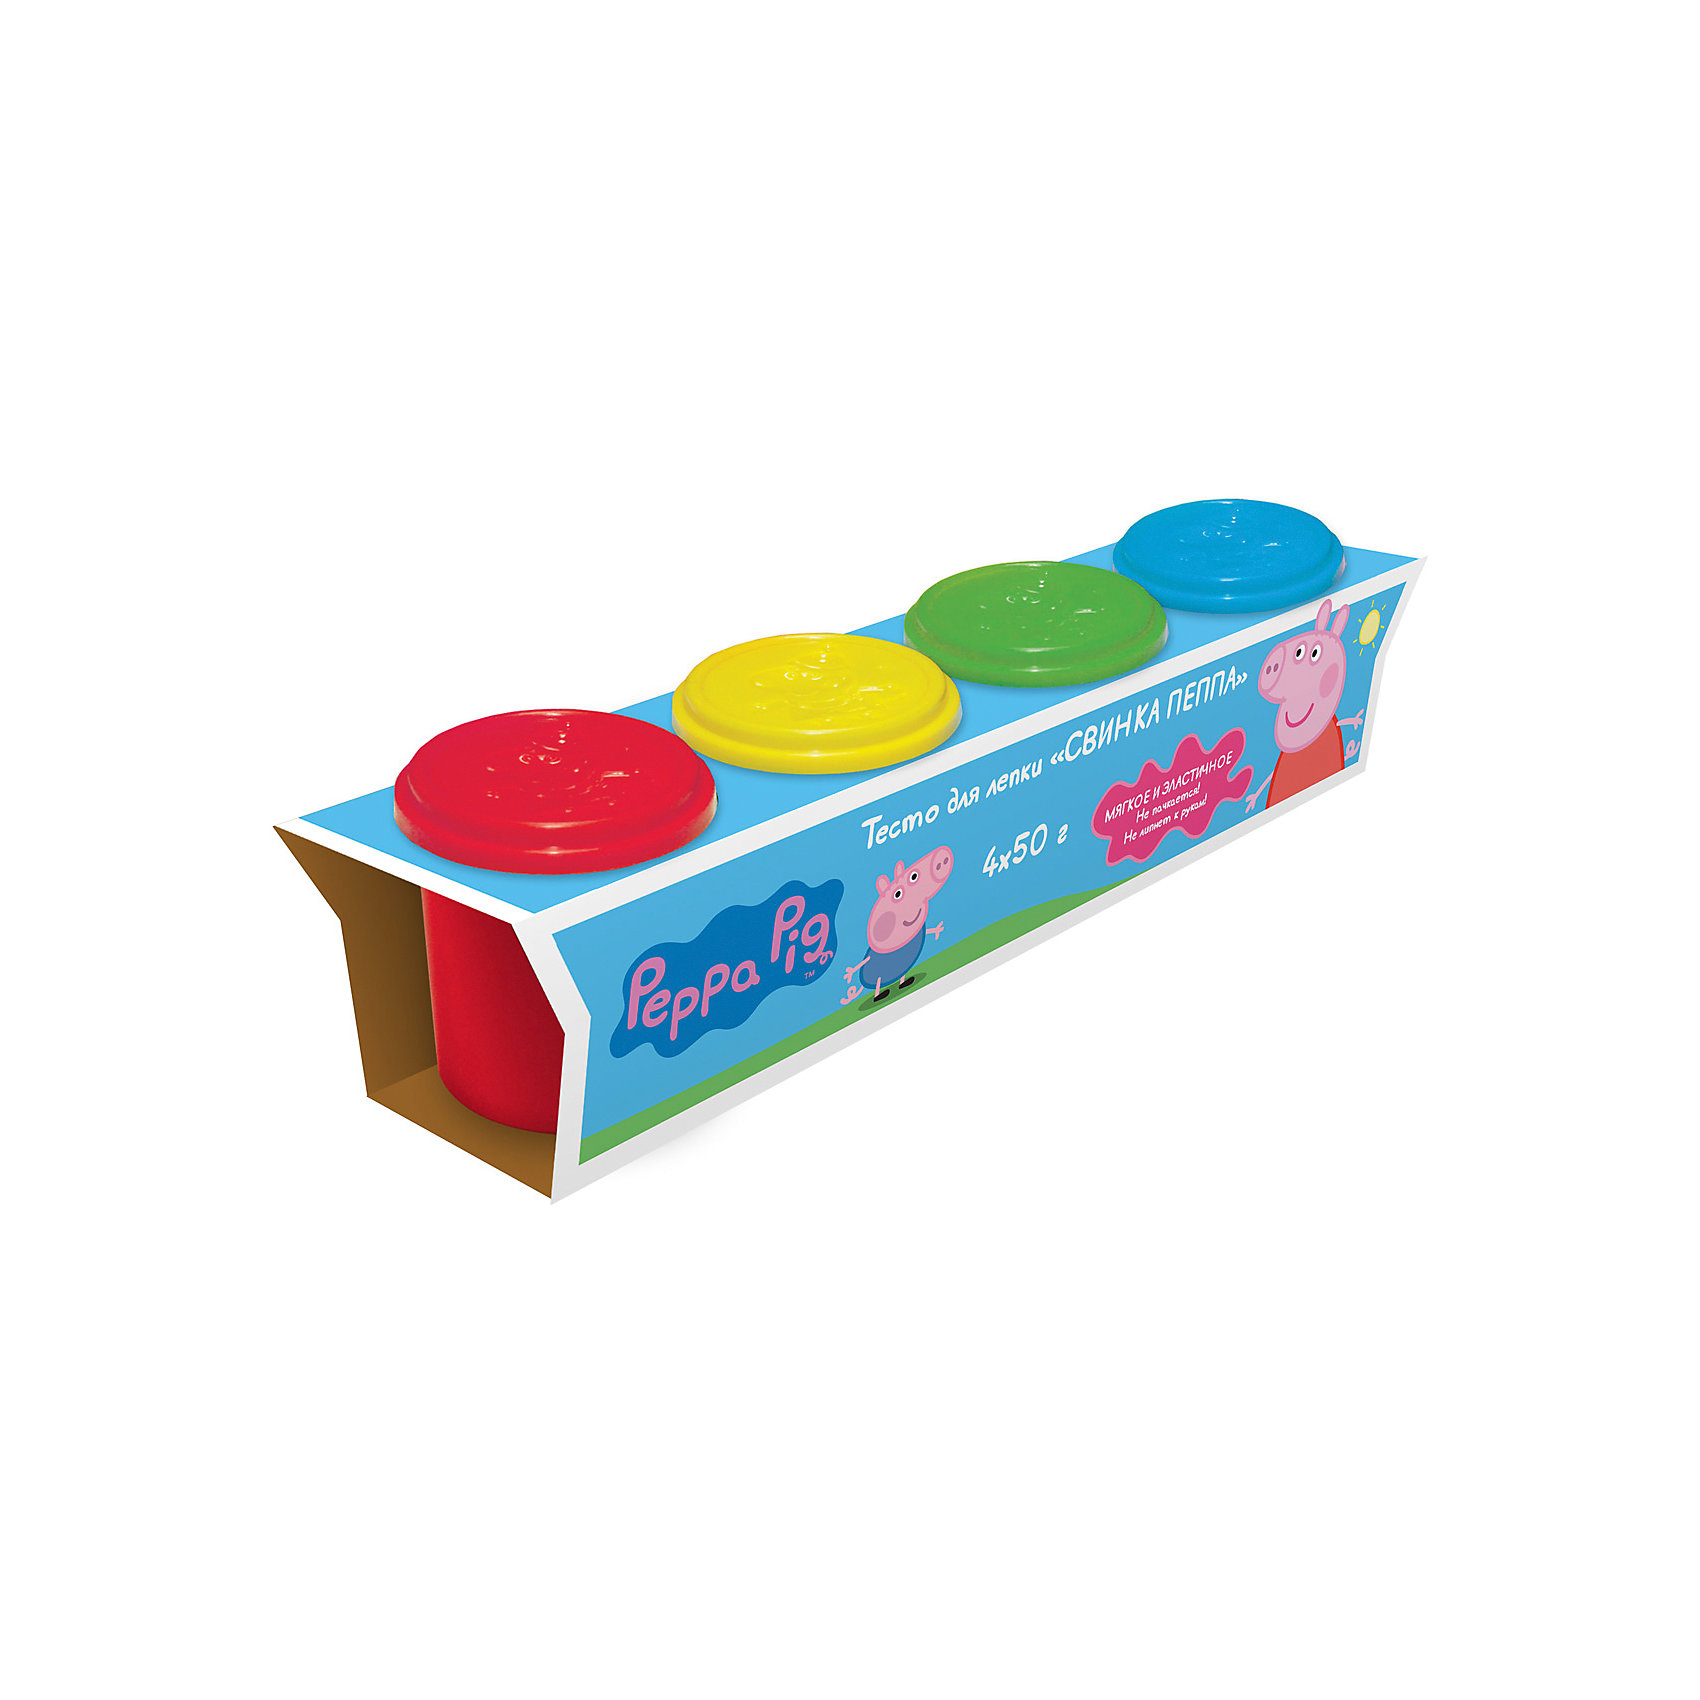 Тесто для лепки Свинка Пеппа (4 банки по 50 г)Лепка<br>Лепить из волшебного цветного теста «Свинка Пеппа» – одно удовольствие. Оно мягкое, пластичное, не липнет к рукам и не пачкается. Лепите по инструкции фигурку Свинки Пеппы, придумывайте и создавайте свои собственные поделки, фантазируйте, экспериментируйте, смешивайте цвета, развивайте у малышей воображение и мелкую моторику. А полезные советы, размещенные на коробочке, вам помогут в этом.&#13;<br>В наборе 4 ярких цвета теста для лепки в баночках по 50 г. Тесто не пригодно для еды! Крышки баночек выполнены из высококачественного пластика в виде формочек с изображением героев мультфильма. Товар сертифицирован и безопасен при использовании по назначению. Упаковка – красочная коробка.<br><br>Ширина мм: 220<br>Глубина мм: 53<br>Высота мм: 63<br>Вес г: 321<br>Возраст от месяцев: 36<br>Возраст до месяцев: 84<br>Пол: Унисекс<br>Возраст: Детский<br>SKU: 5076598